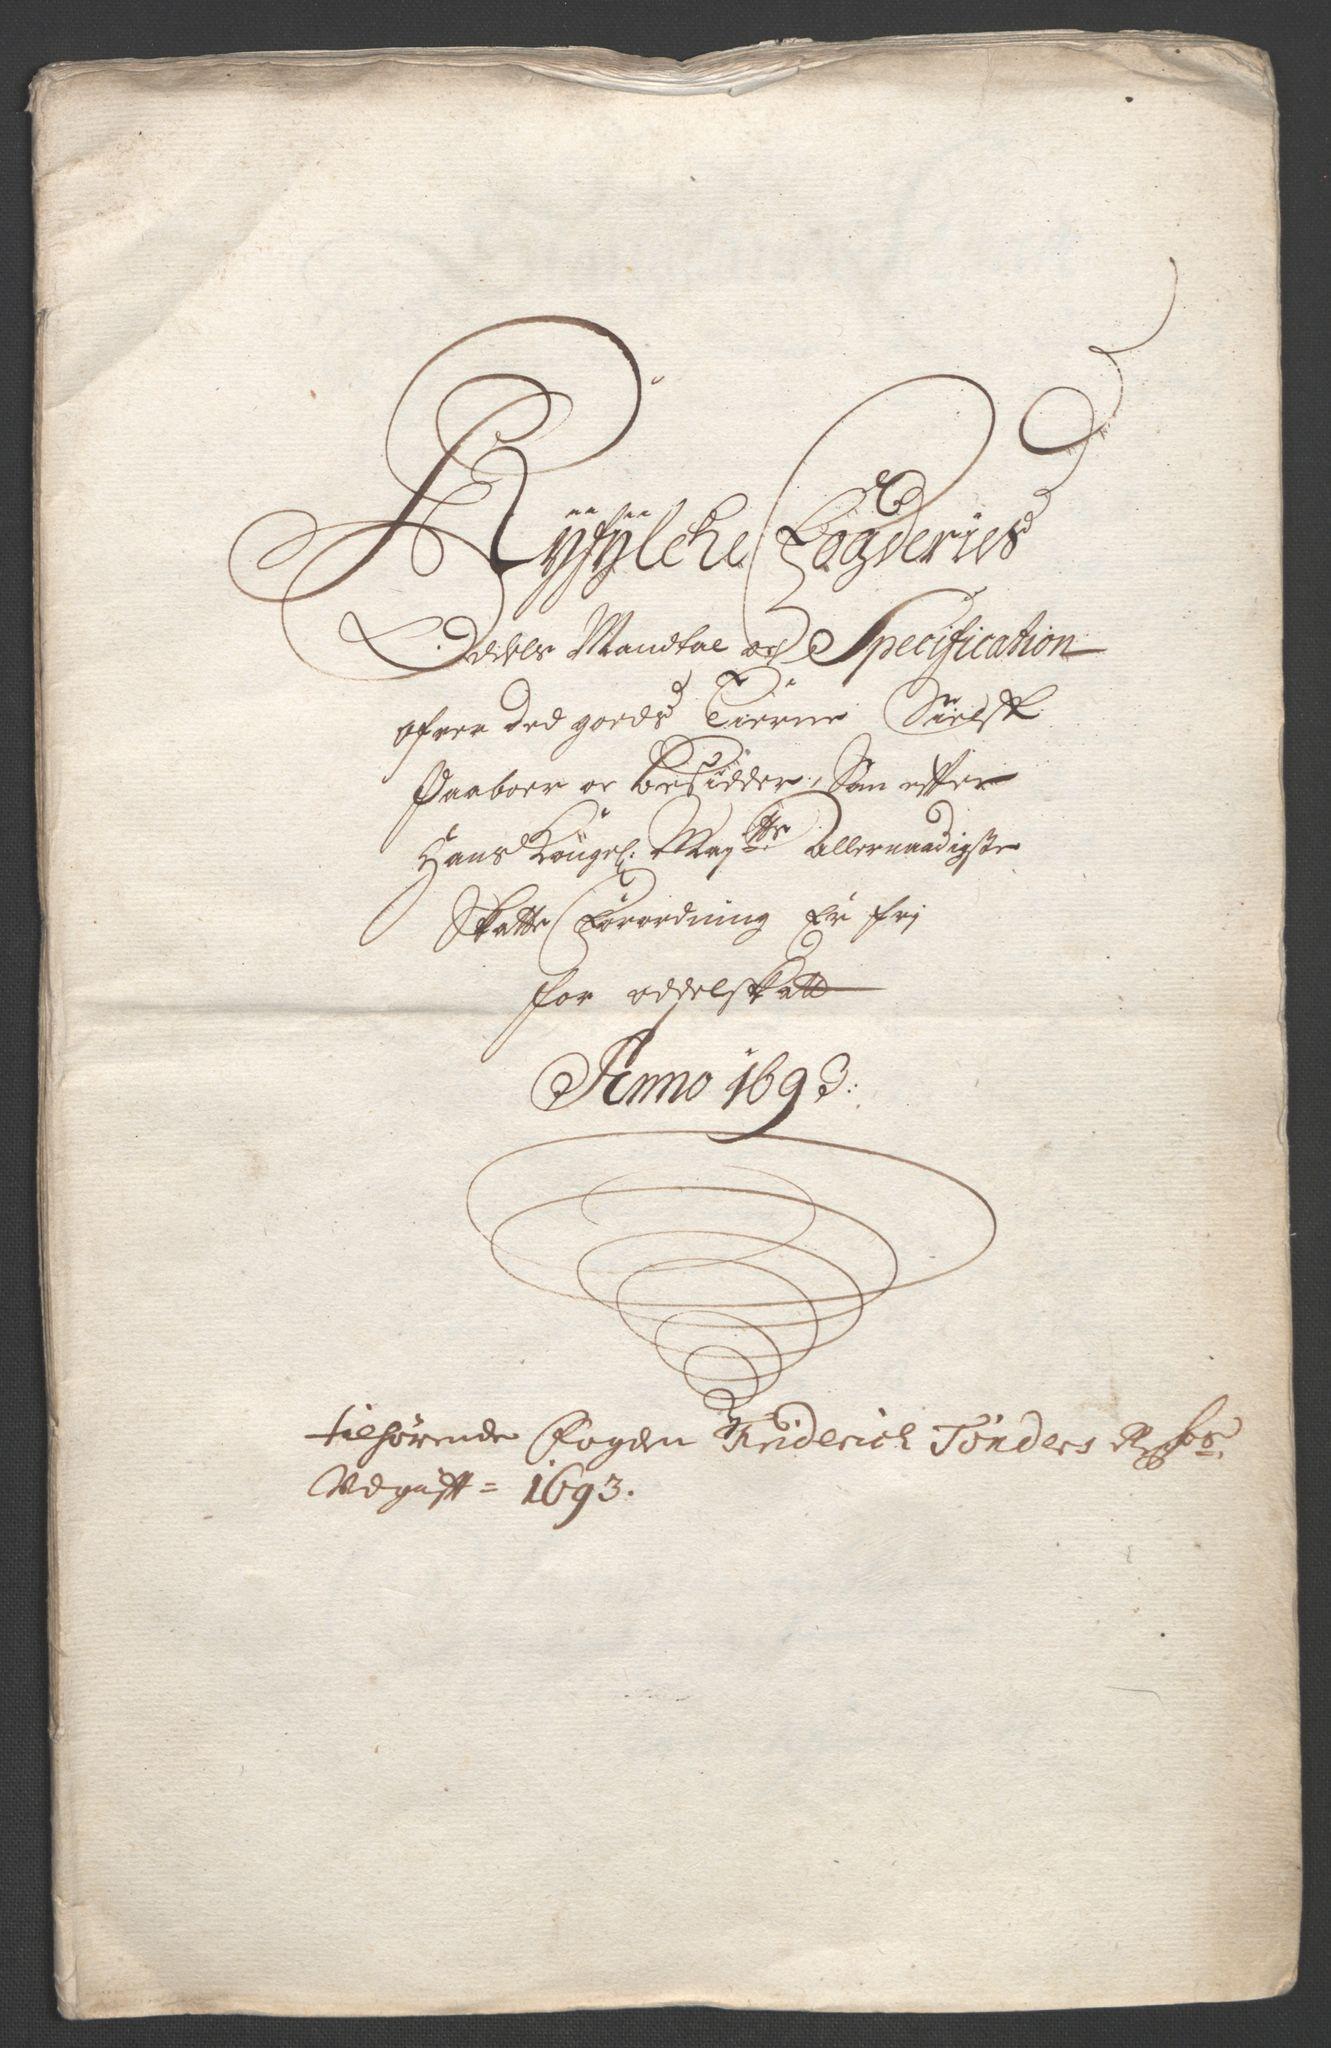 RA, Rentekammeret inntil 1814, Reviderte regnskaper, Fogderegnskap, R47/L2856: Fogderegnskap Ryfylke, 1689-1693, s. 649